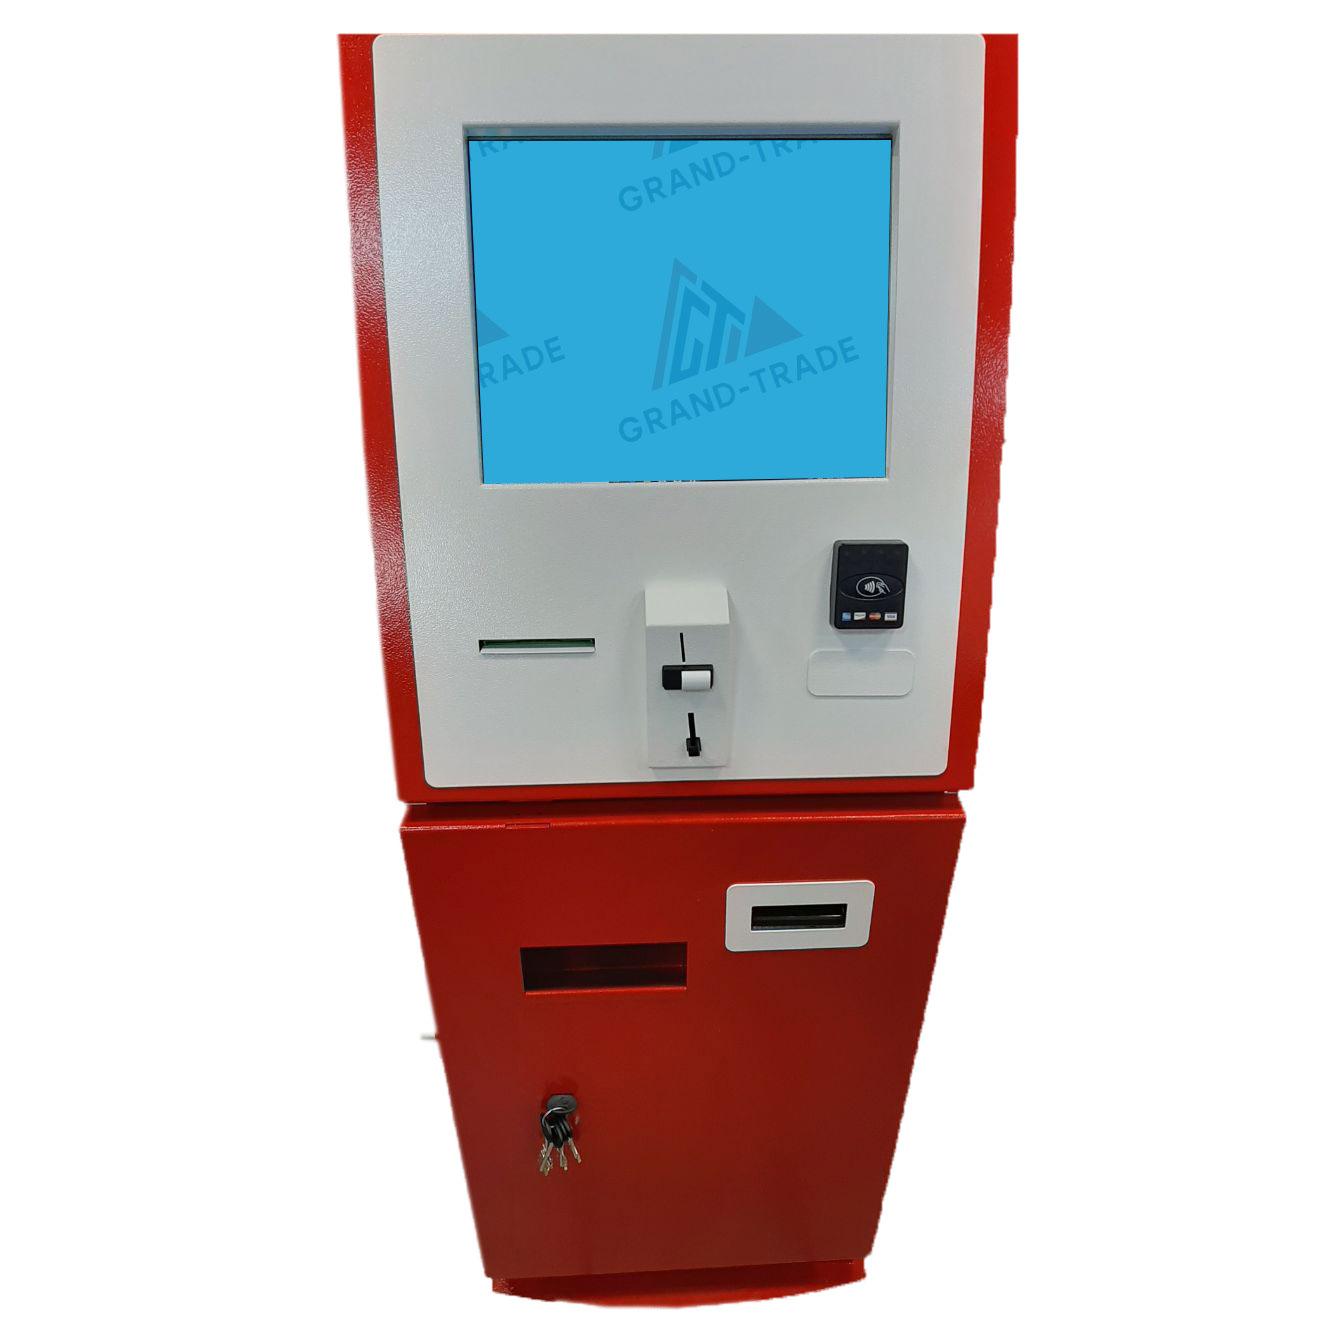 Мультифункциональный расчетный терминал для автомойки